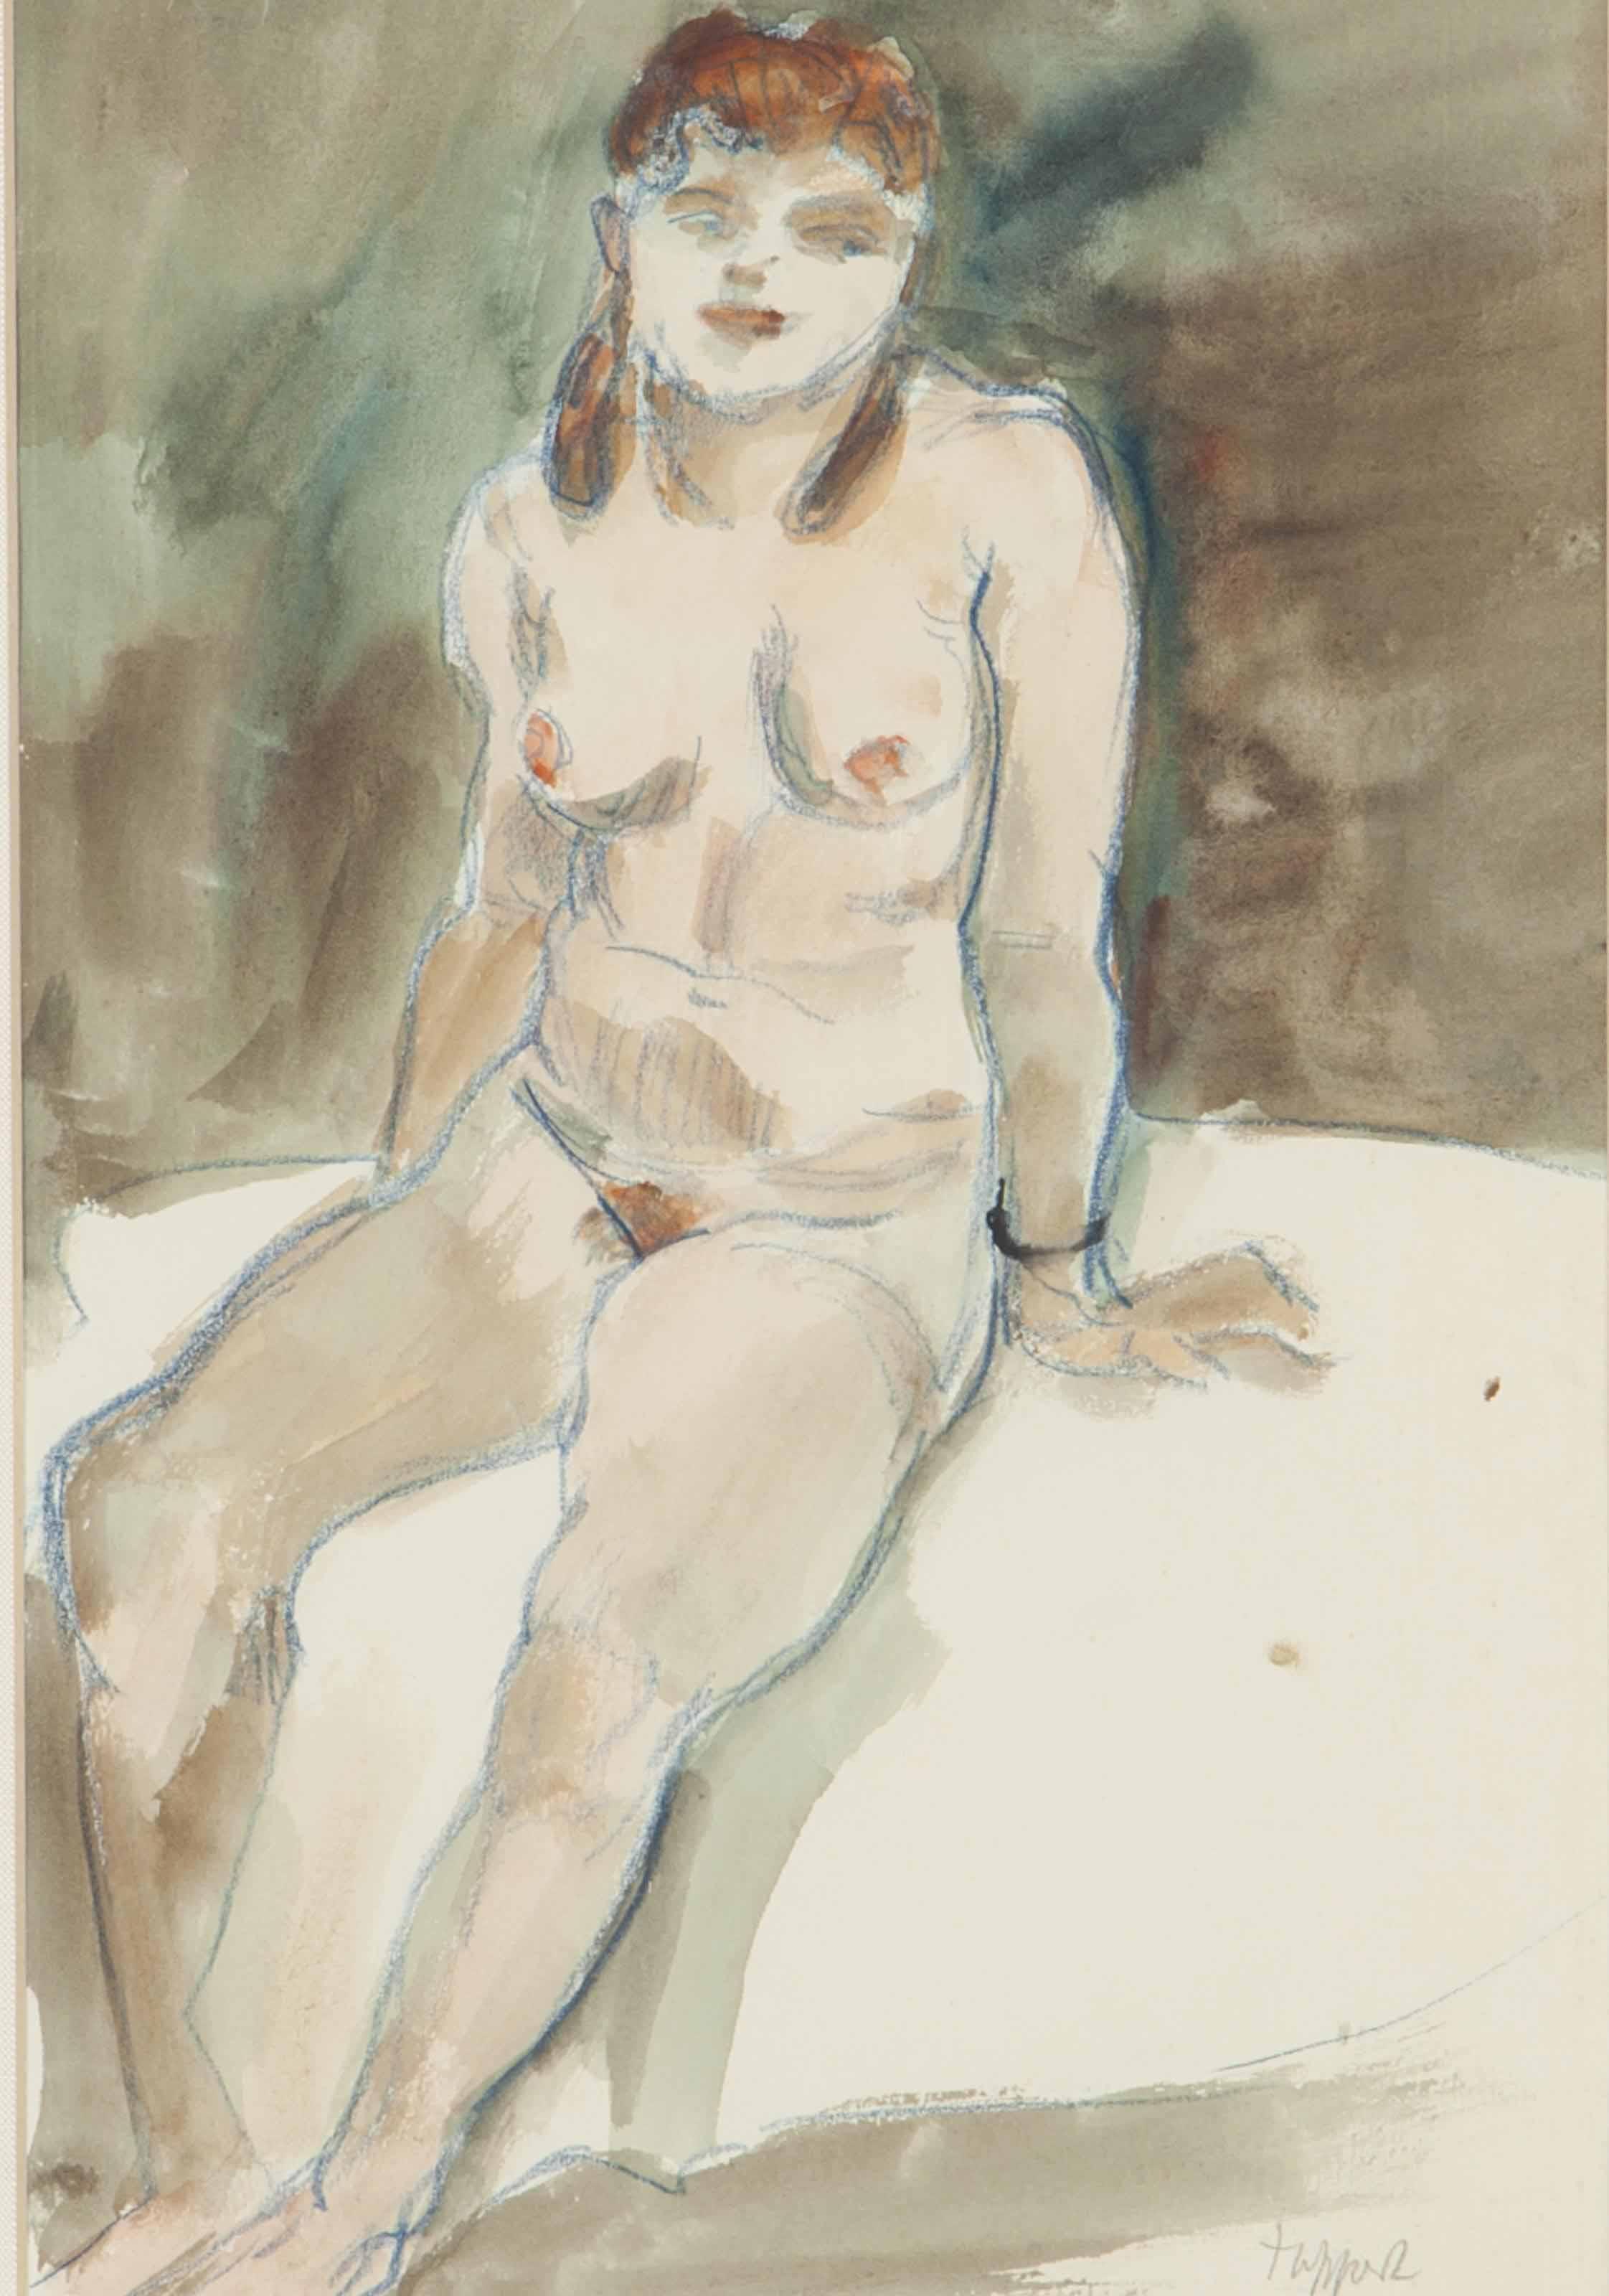 Auf dem bett sitzender weiblicher akt mit rotem haar